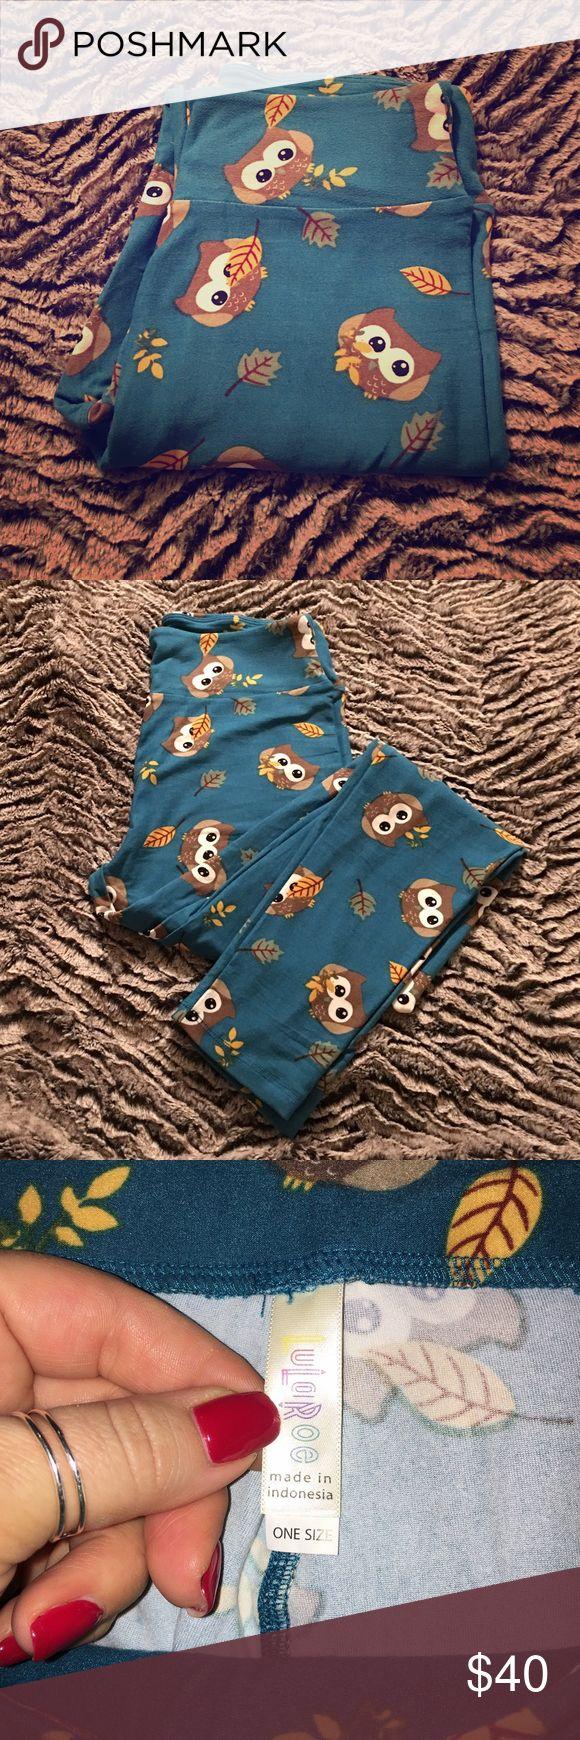 Selling this Owl Print LuLaRoe Leggings on Poshmark! My username is: kaitlynm87. #shopmycloset #poshmark #fashion #shopping #style #forsale #LuLaRoe #Pants